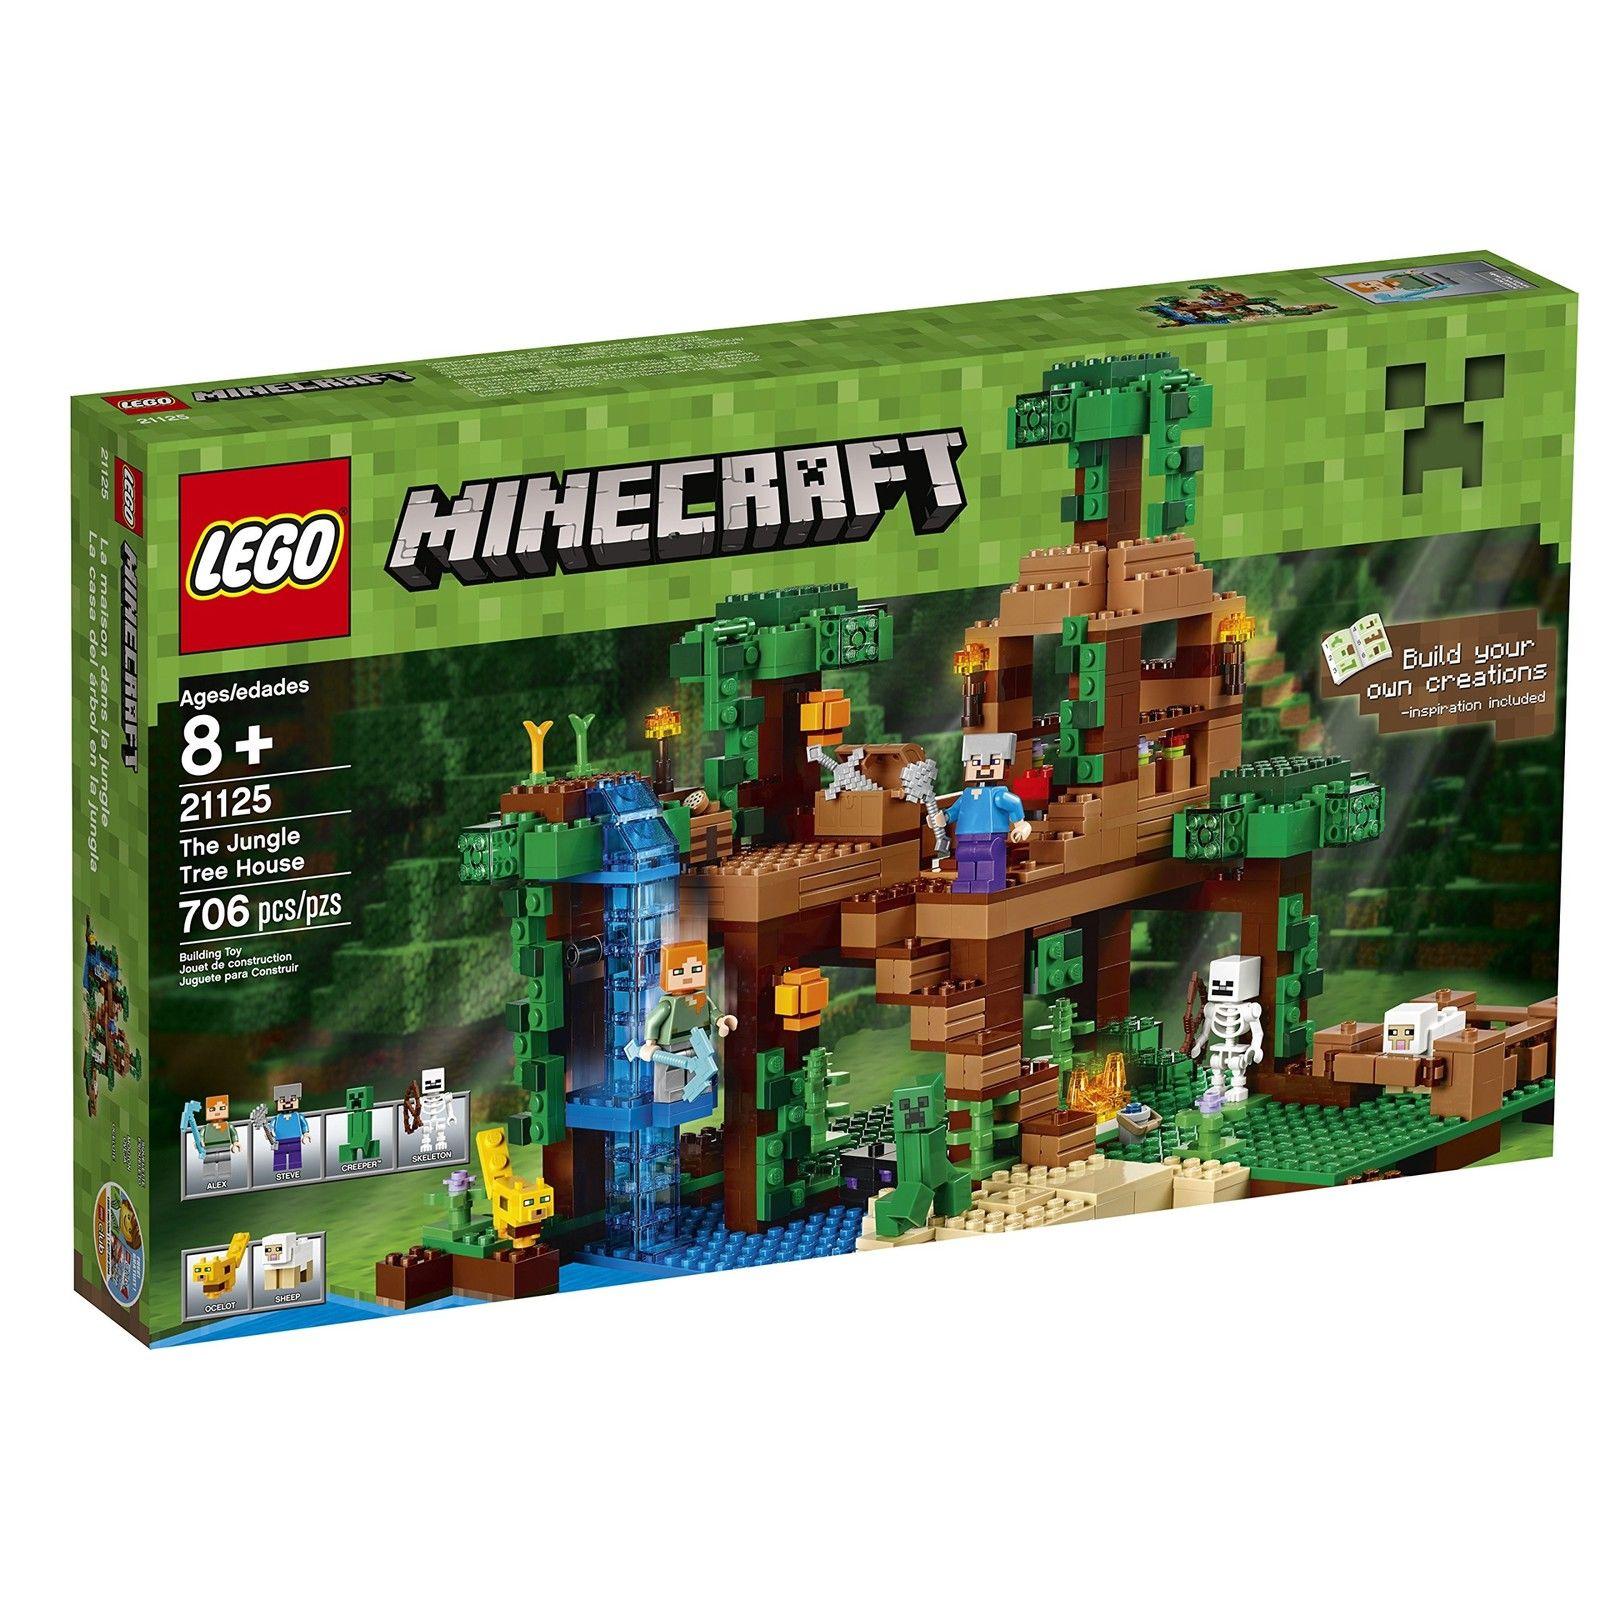 【瞎買天堂x現貨免運】樂高 LEGO 創世神 Minecraft 21125【TYLEMC02】